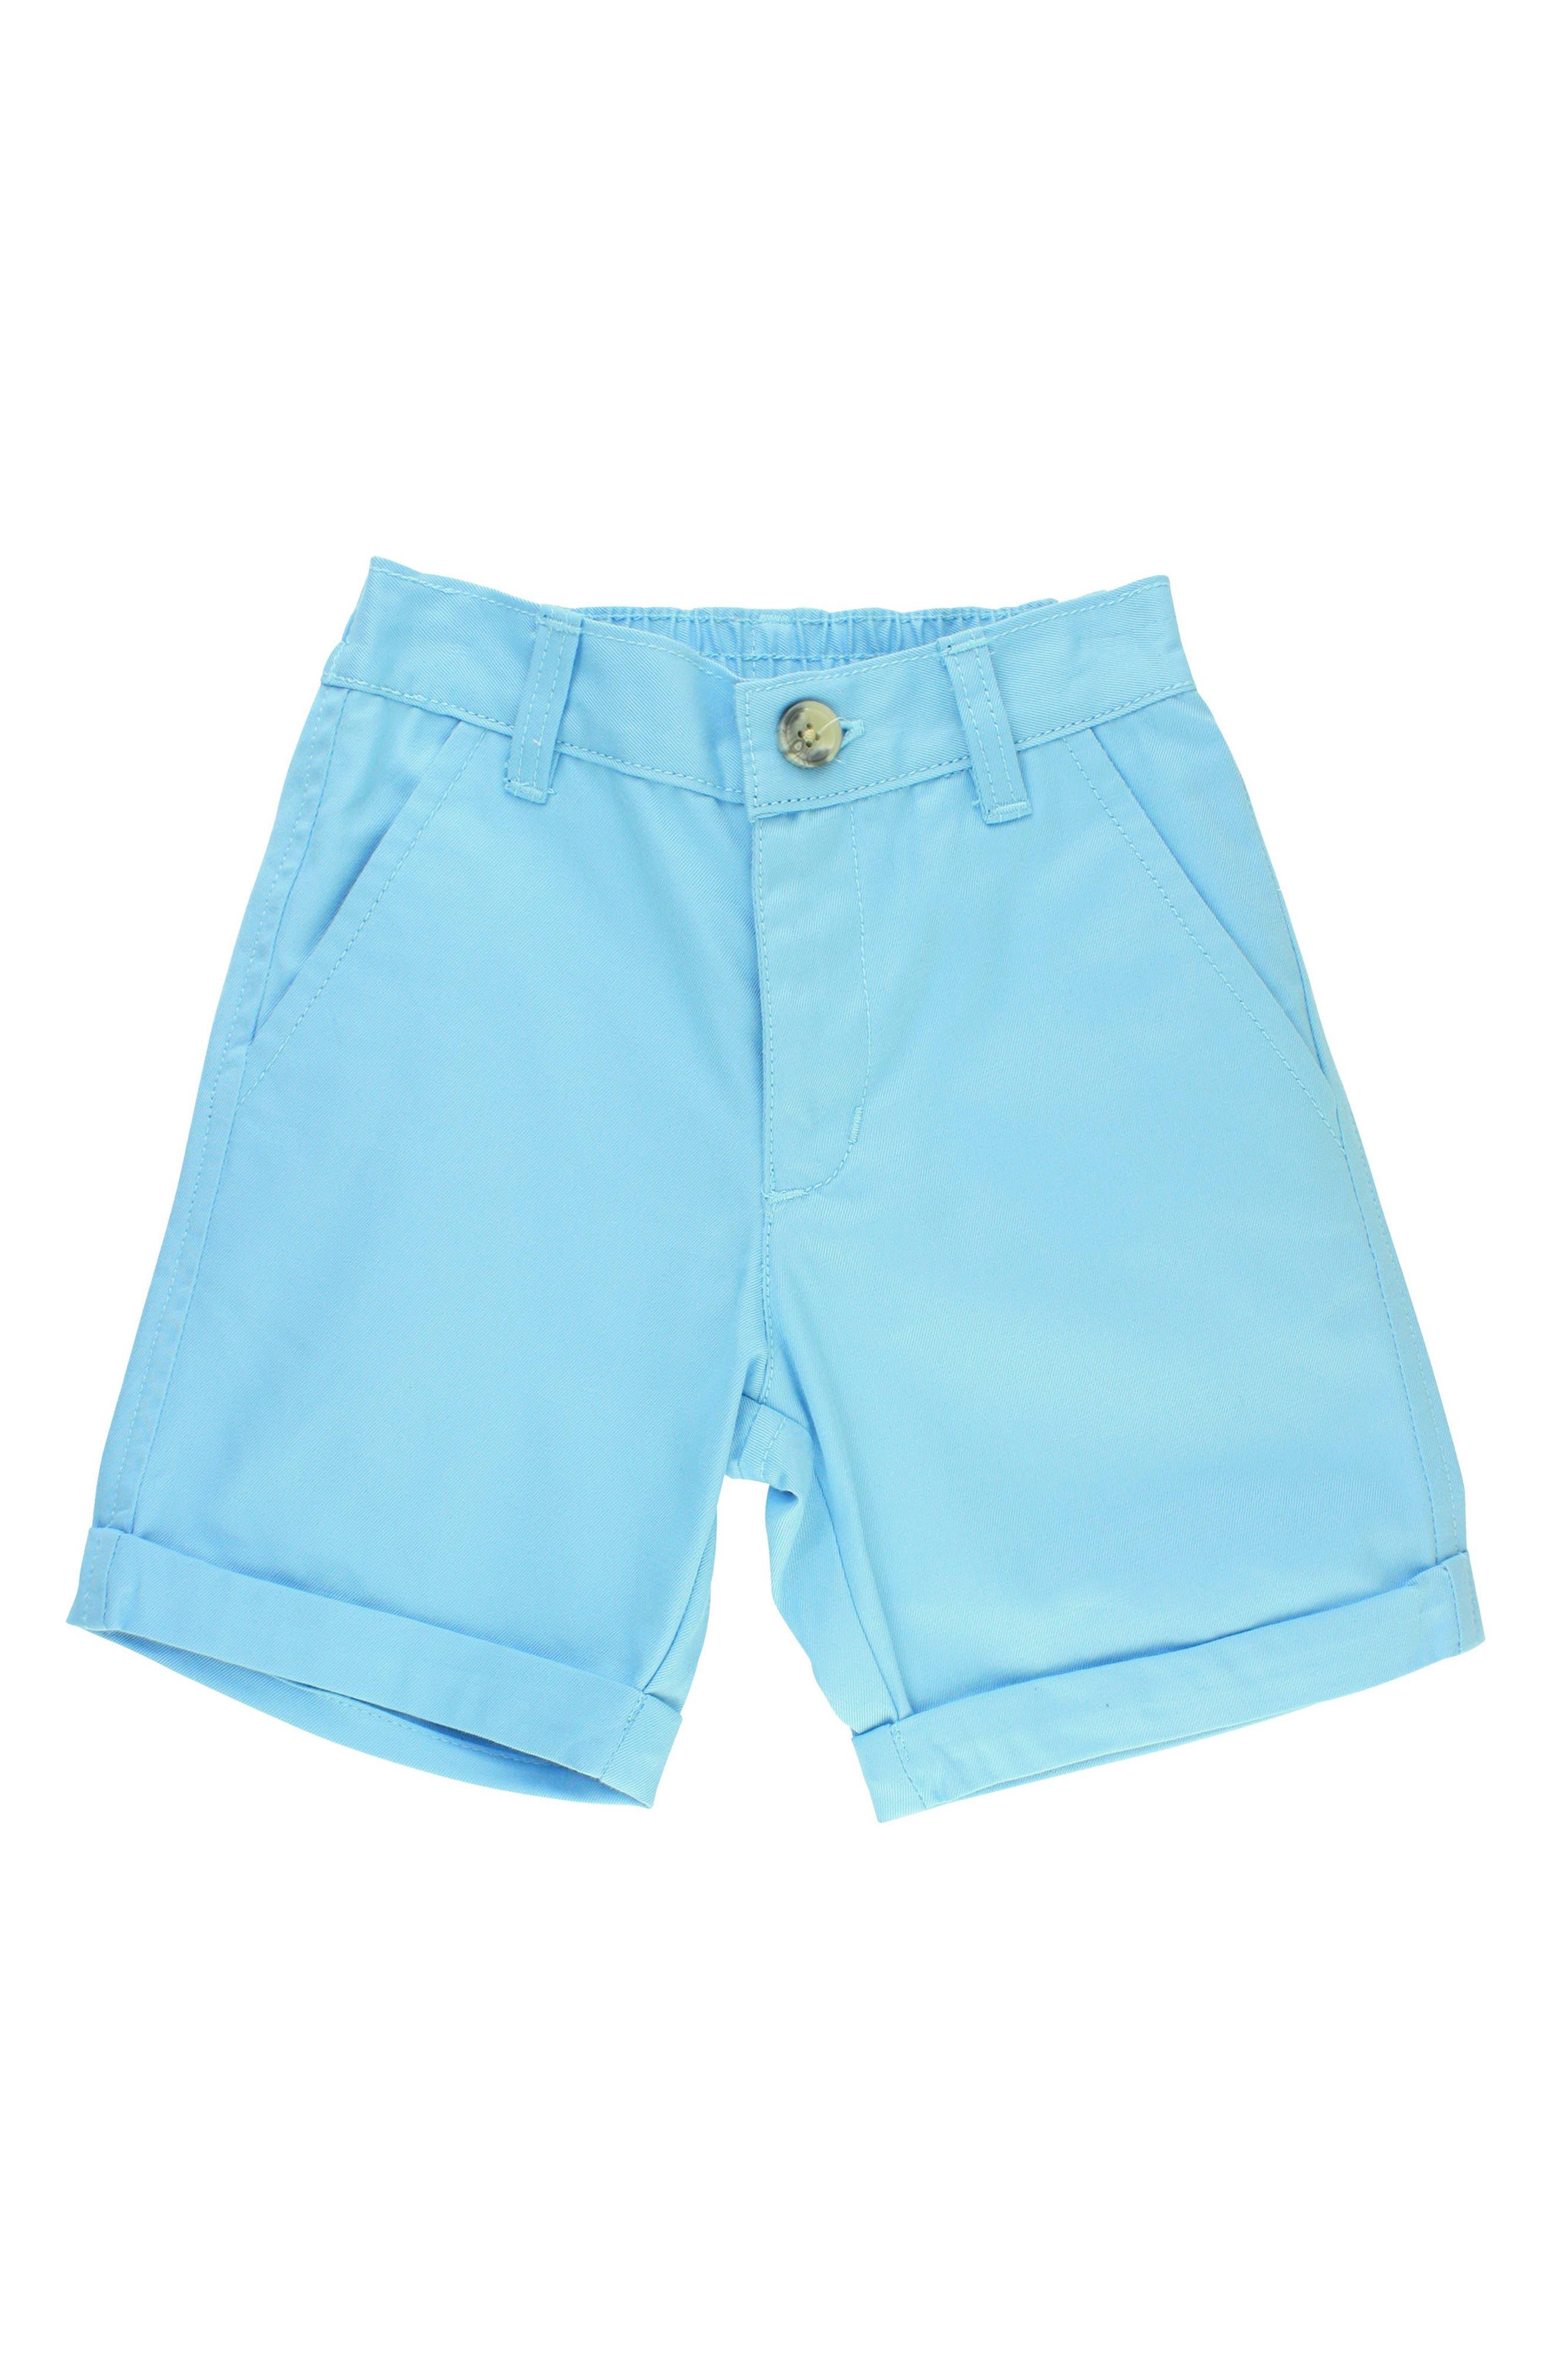 Chino Shorts,                             Main thumbnail 1, color,                             400